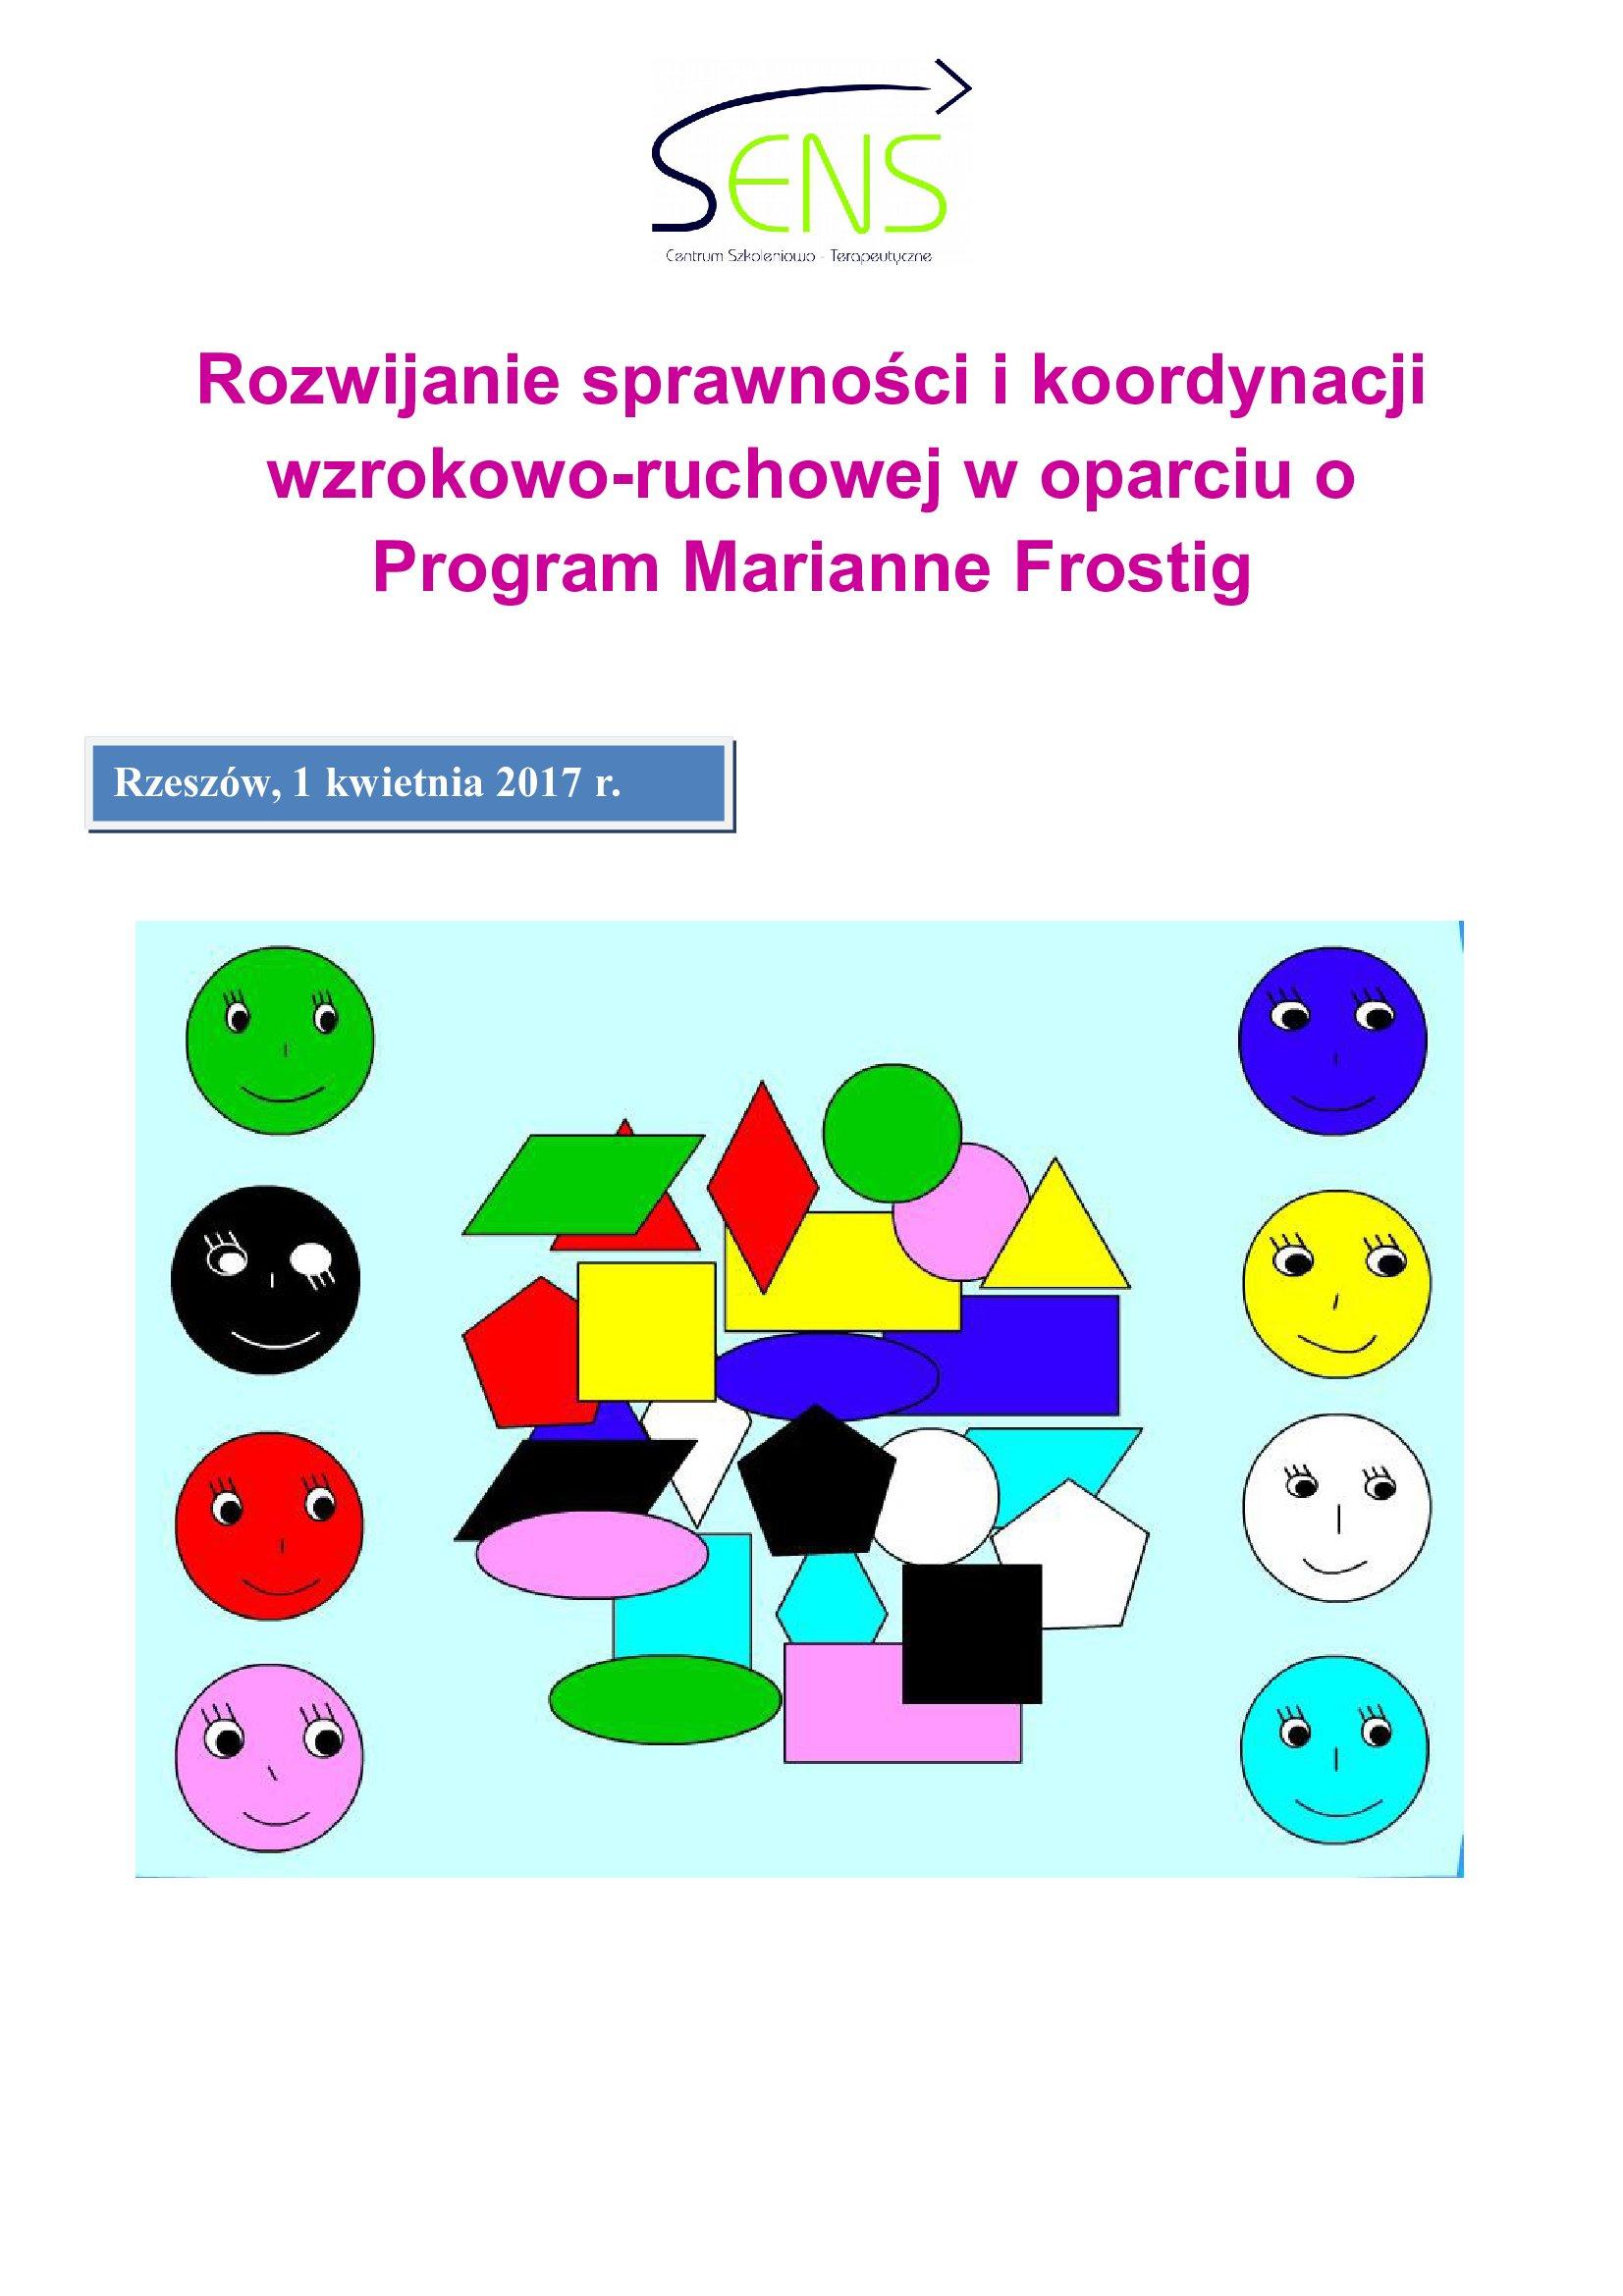 Rzeszów. Metoda Marianne Frostig. 01.04.2017 r.